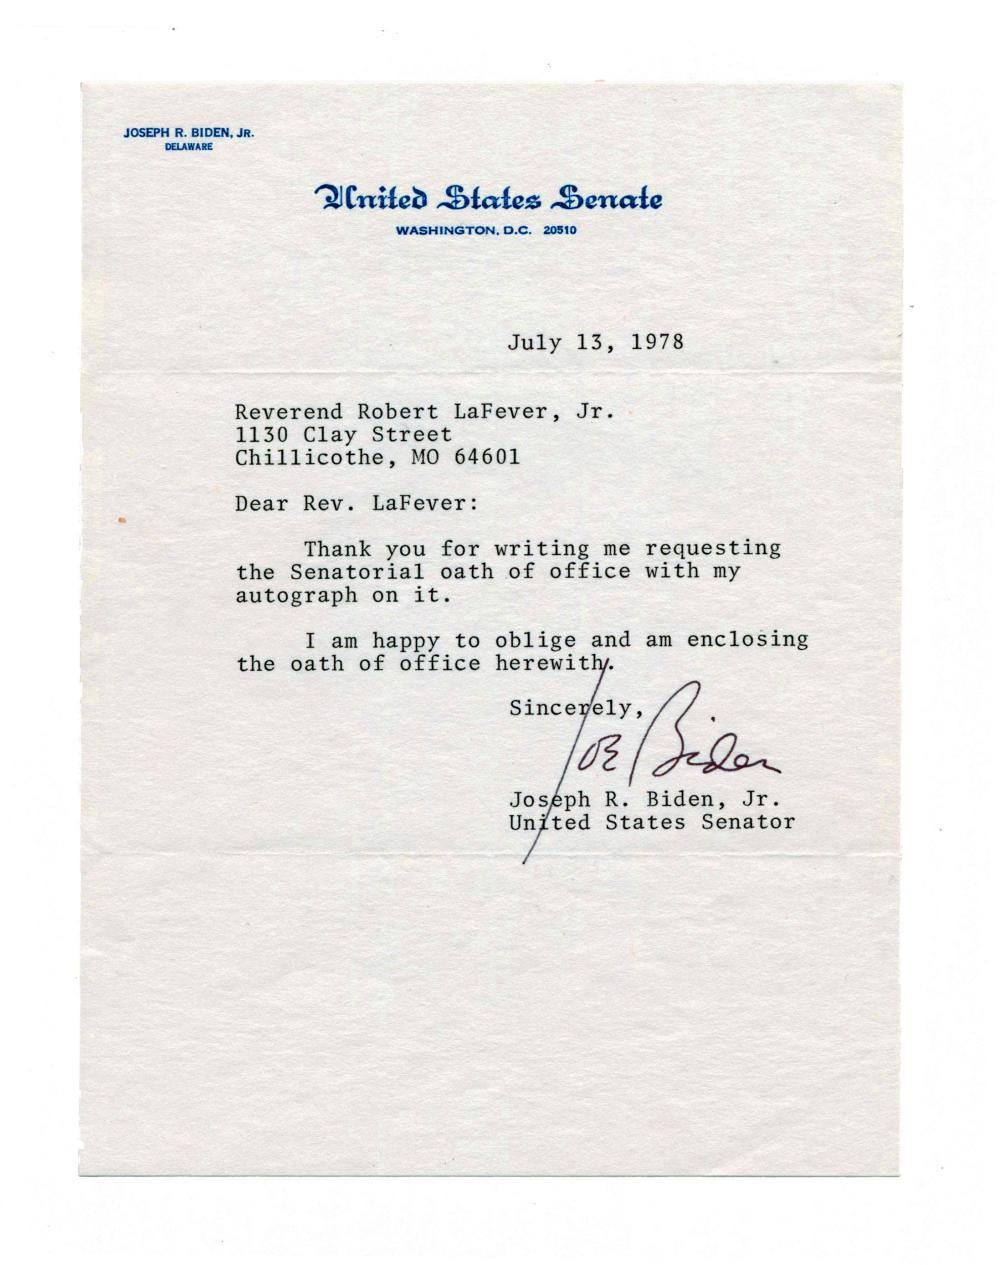 Joe Biden TLS as Senator in 1978